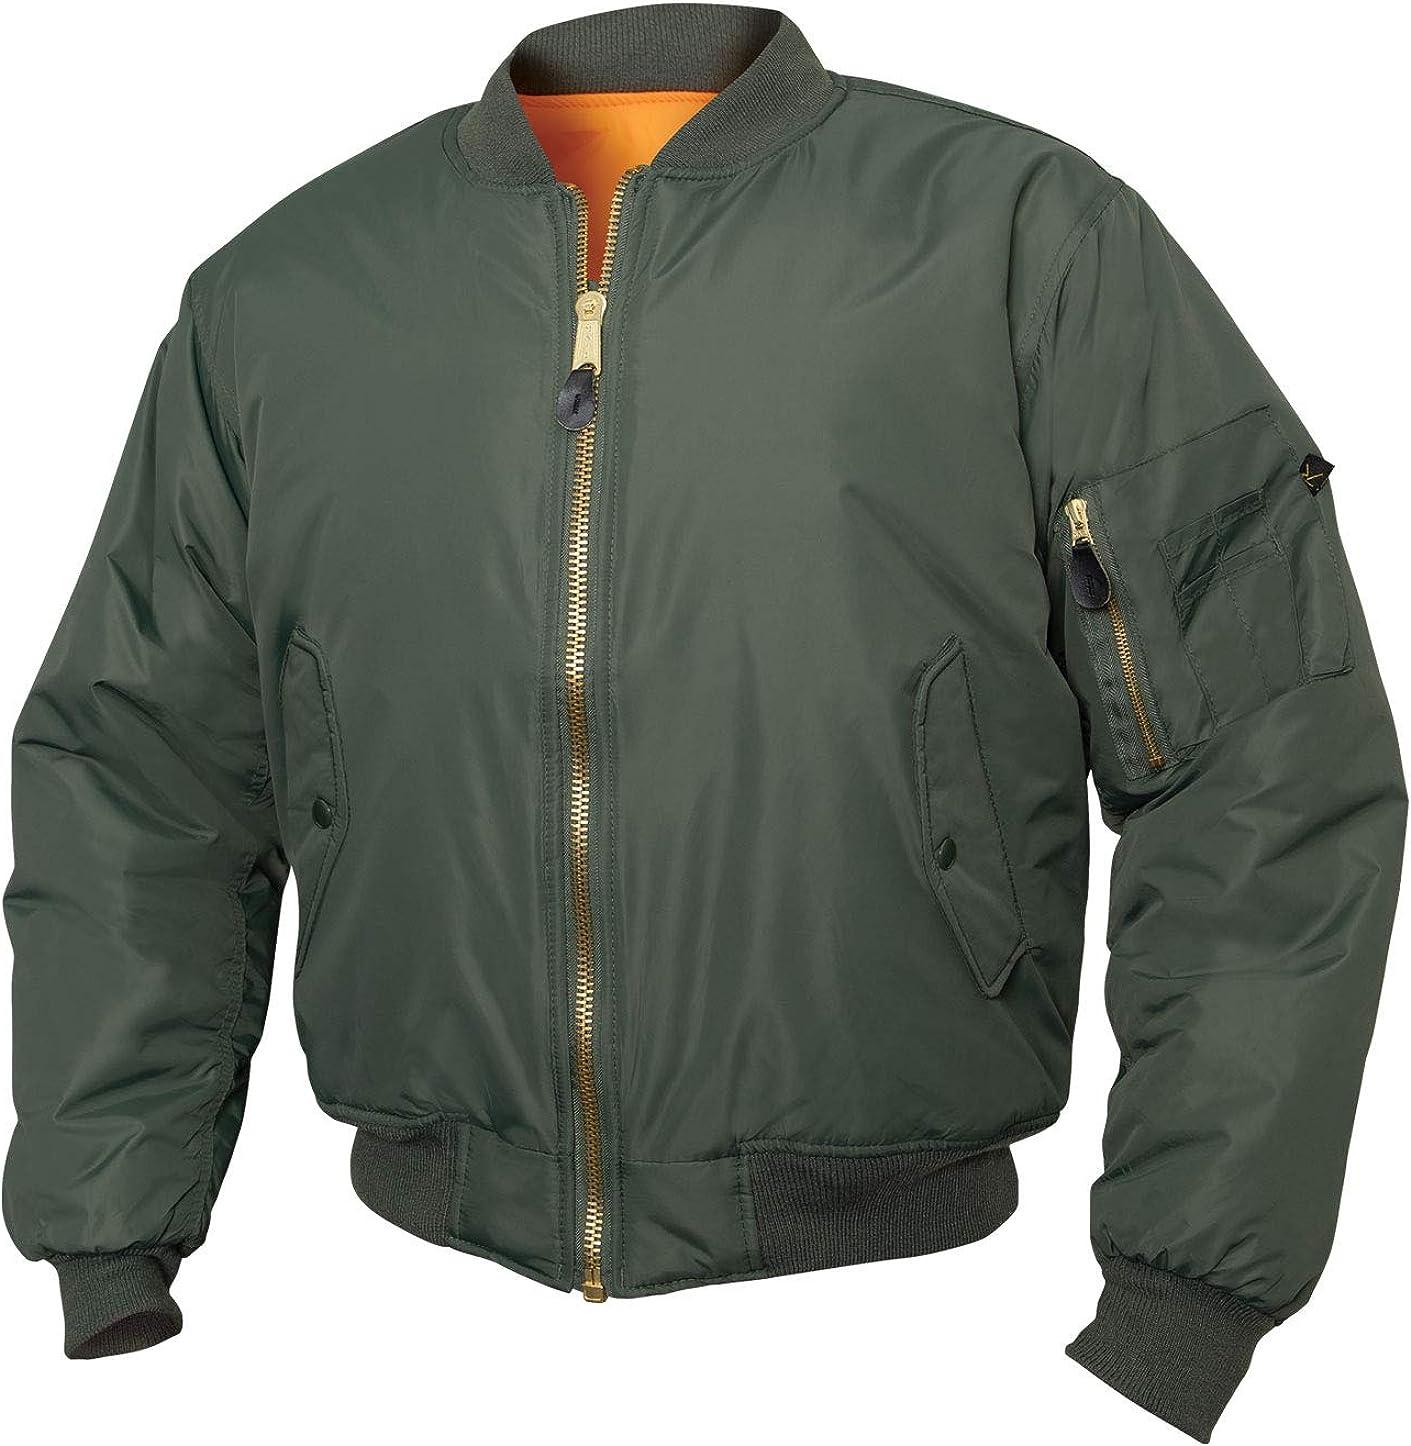 Military Bomber Jacket Rothco Enhanced Nylon MA-1 Flight Jacket